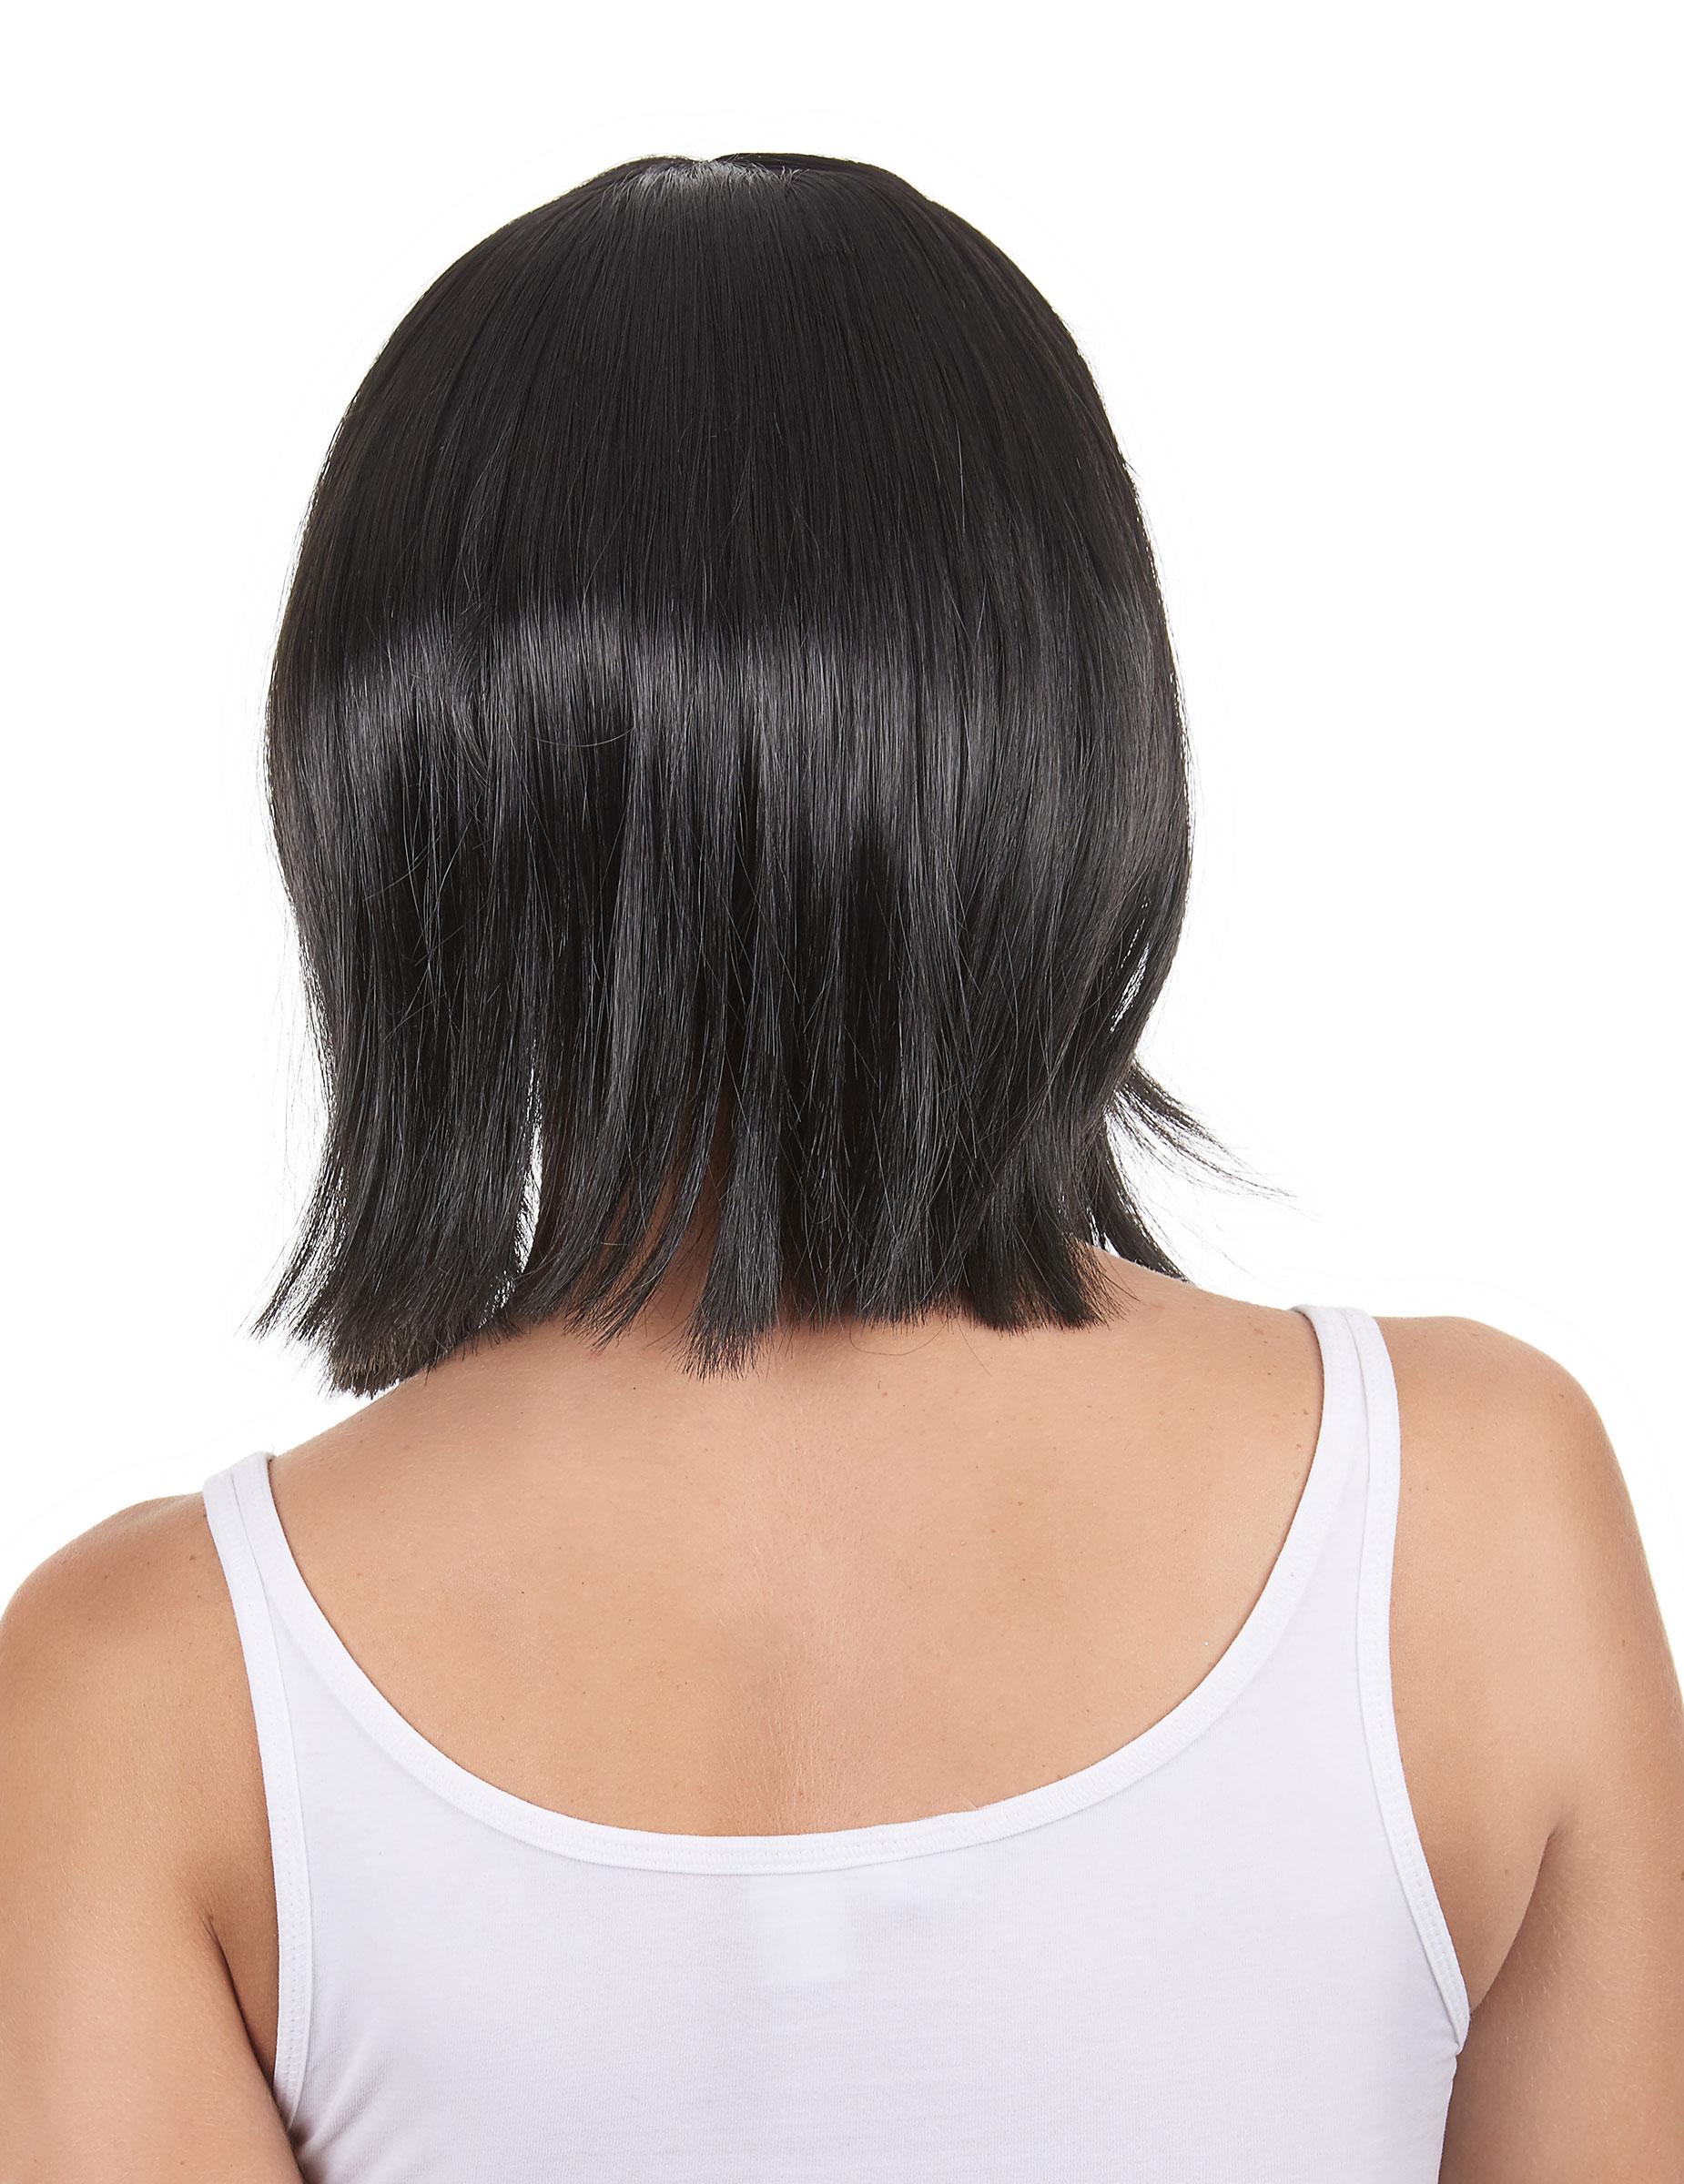 Perruque noire carré plongeant femme, achat de Perruques sur VegaooPro, grossiste en déguisements